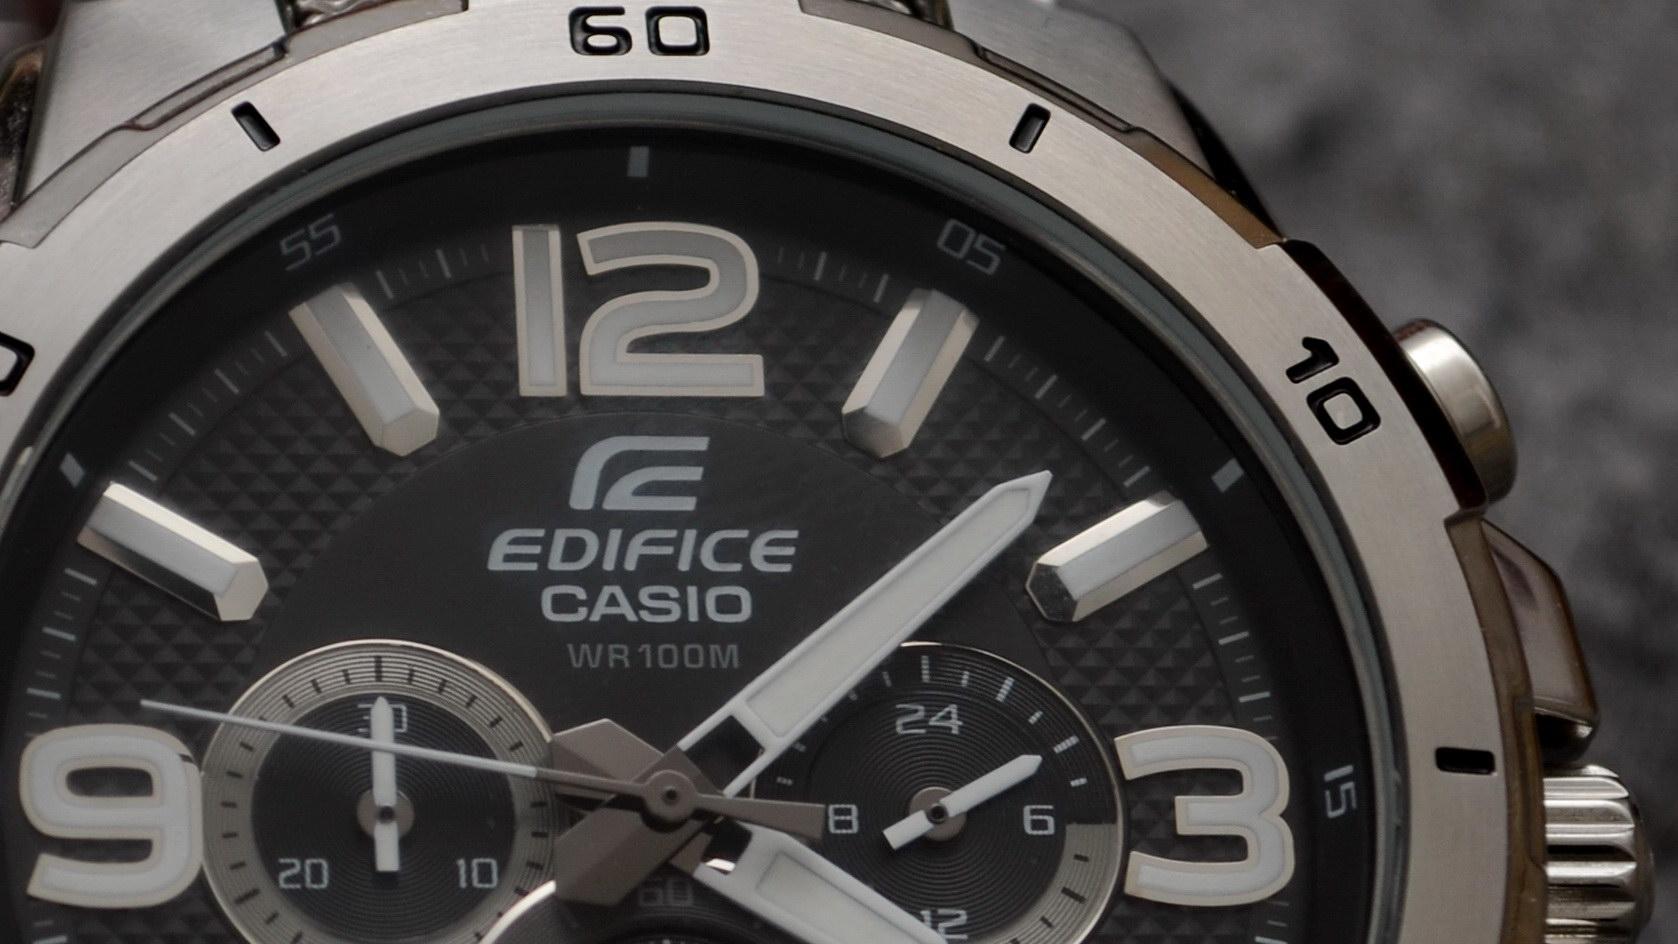 Casio Edifice Armbanduhr Nahaufnahme Zeiger Metall Ausschnitt